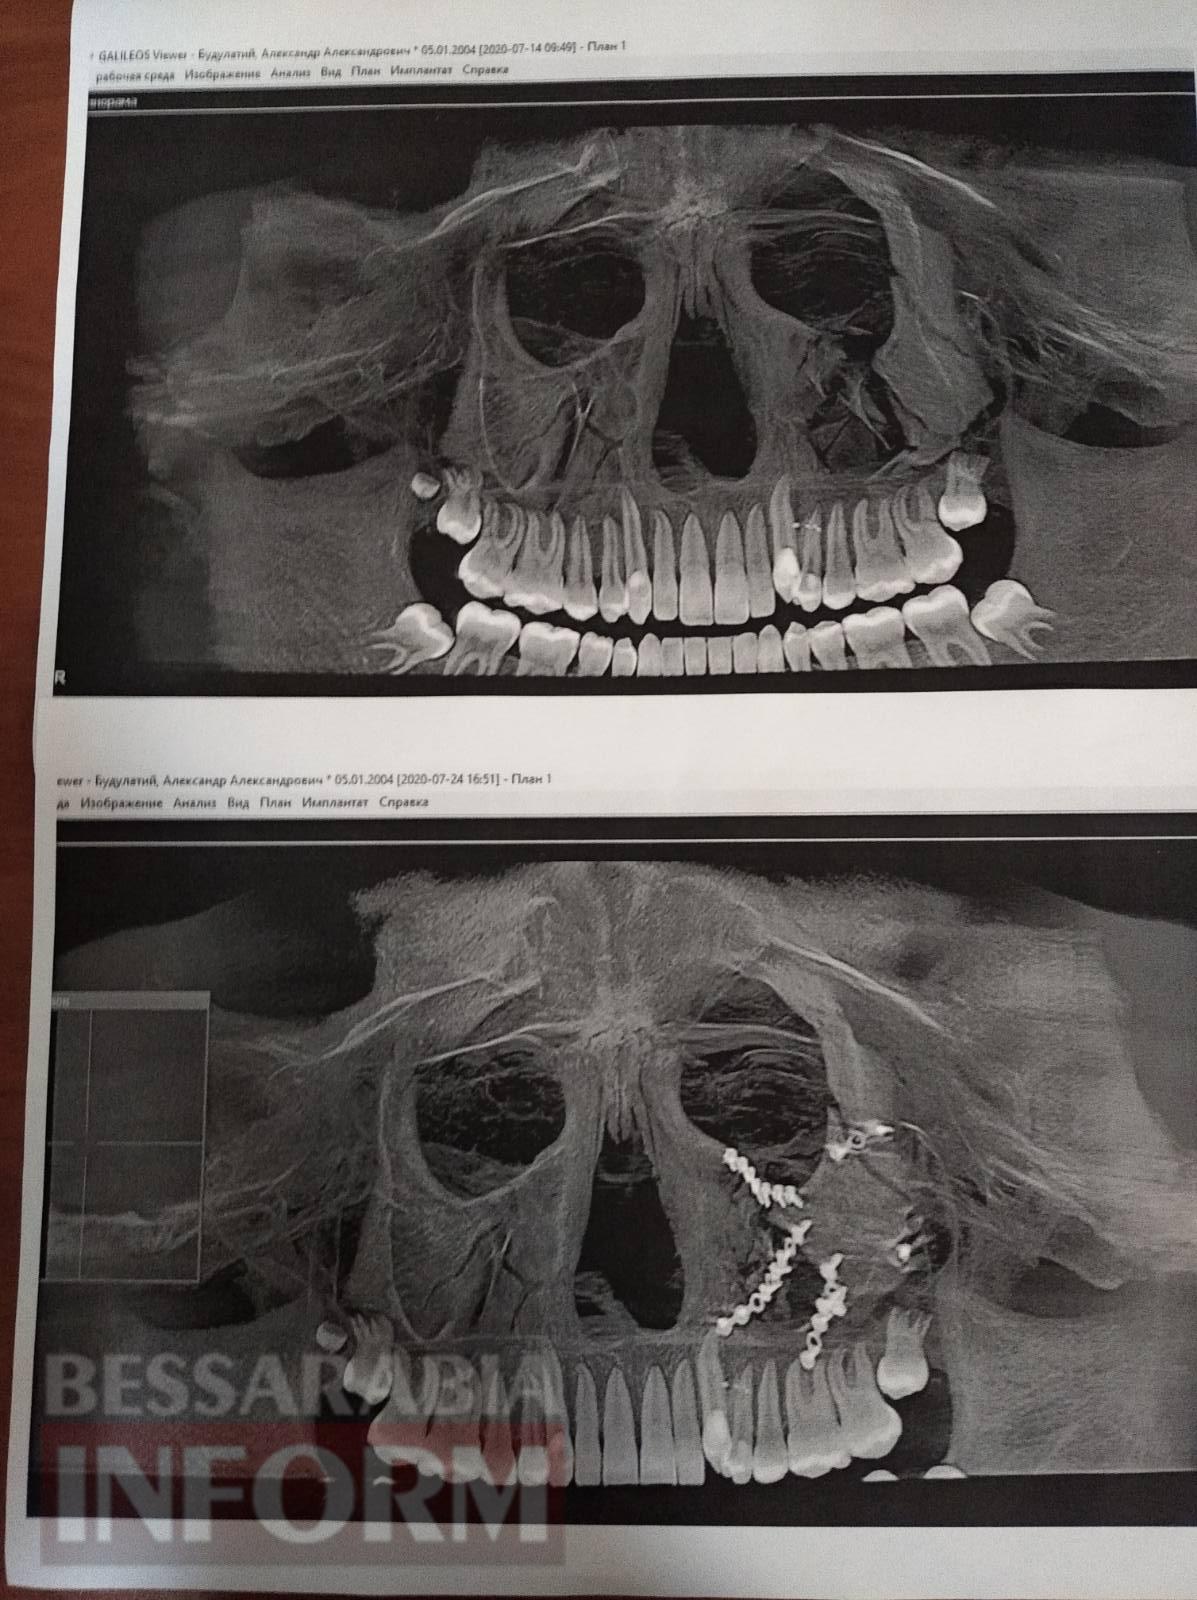 Тяжелые переломы лицевых костей и черепно-мозговая травма: в Килии шестеро мужчин жестоко избили 15-летнего подростка